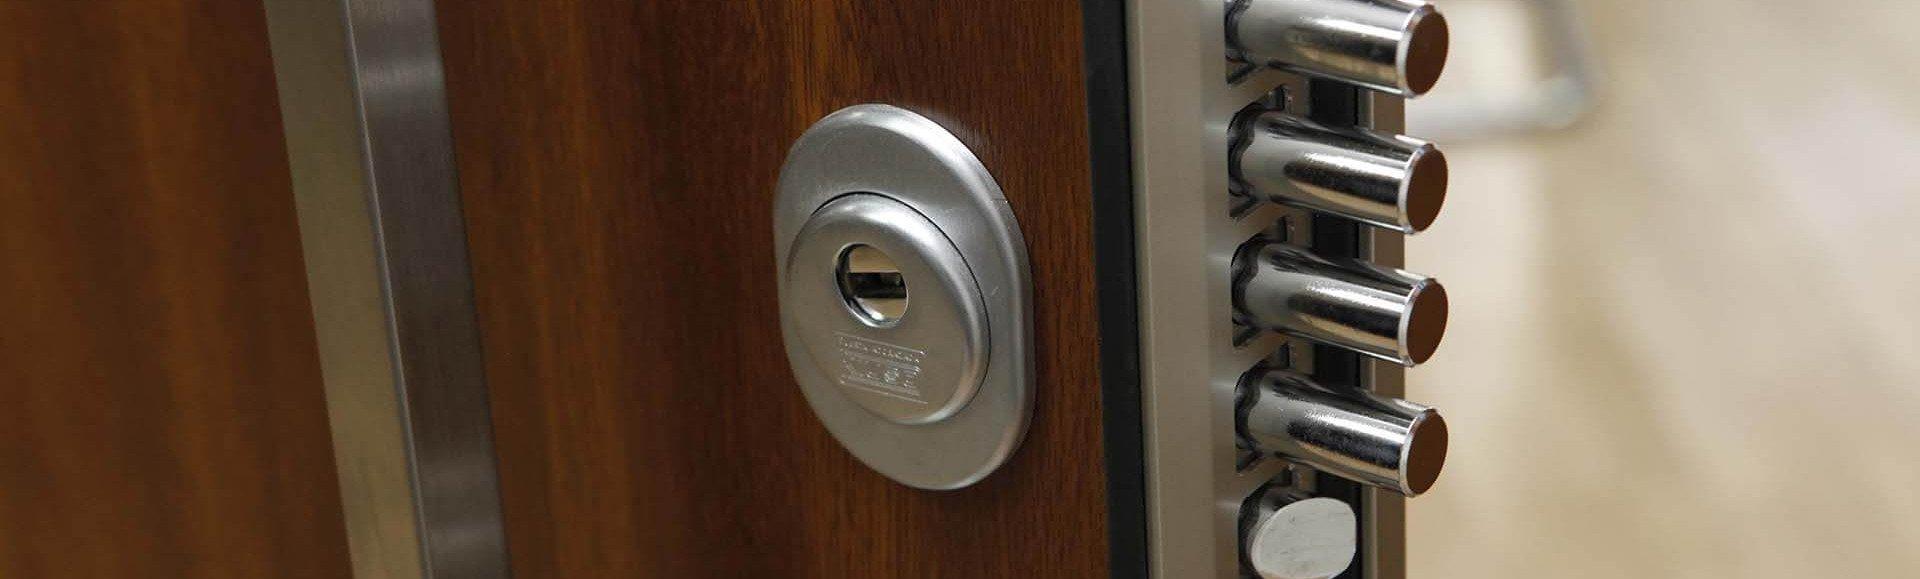 Puertas Acorazadas hori - Instalacion Puertas de Seguridad y Puertas de Entrada